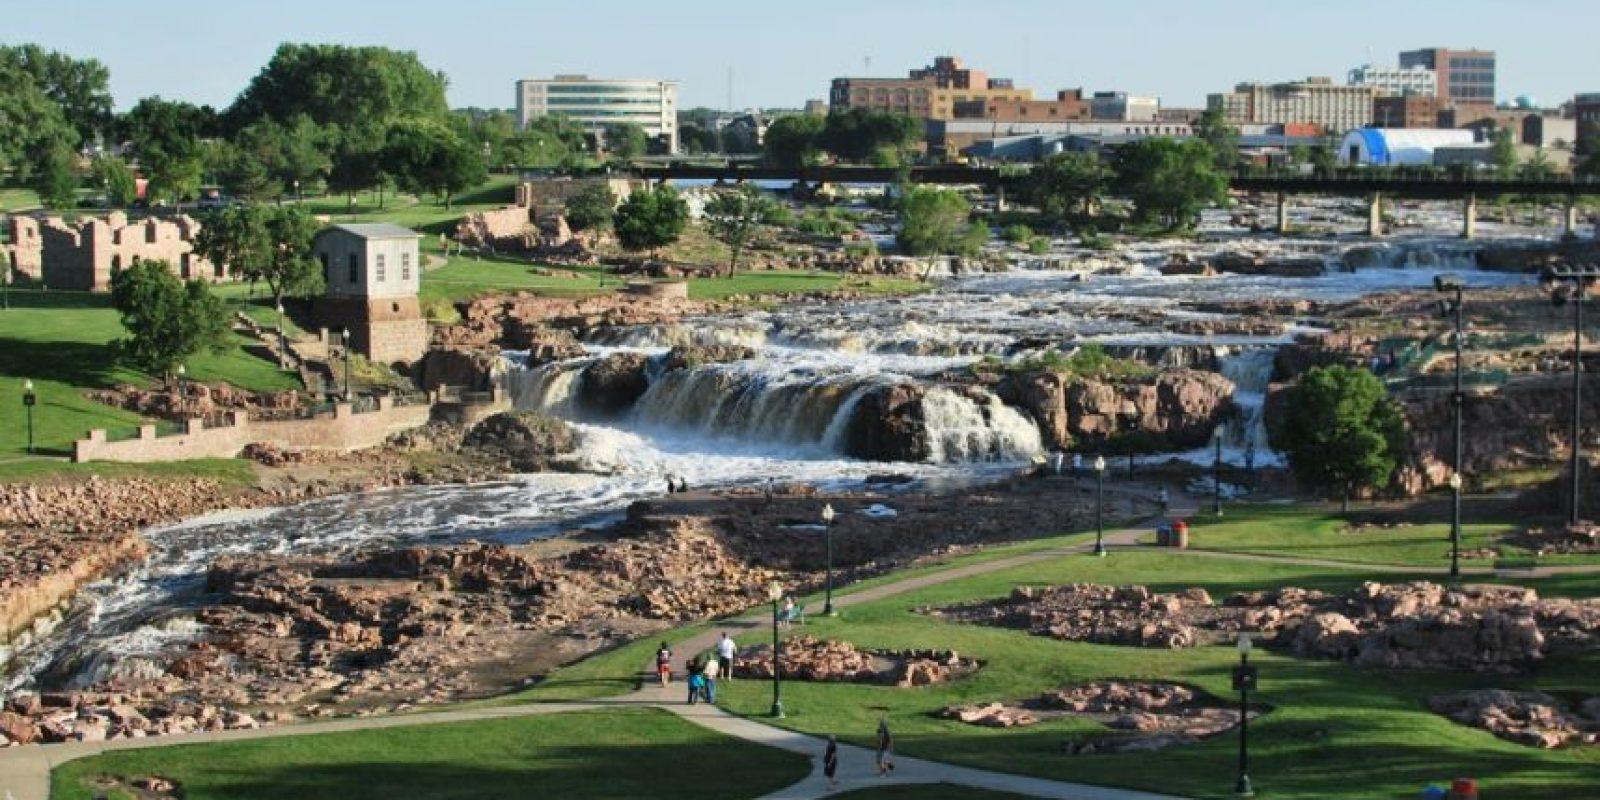 9. Sioux Falls, South Dakota. La ciudad no está experimentando un crecimiento en los empleos, pero tiene un tasa de desempleo muy baja. Los trabajadores tienen un ingreso anual promedio de 555 mil 965 dólares. Foto:Wikipedia Commons